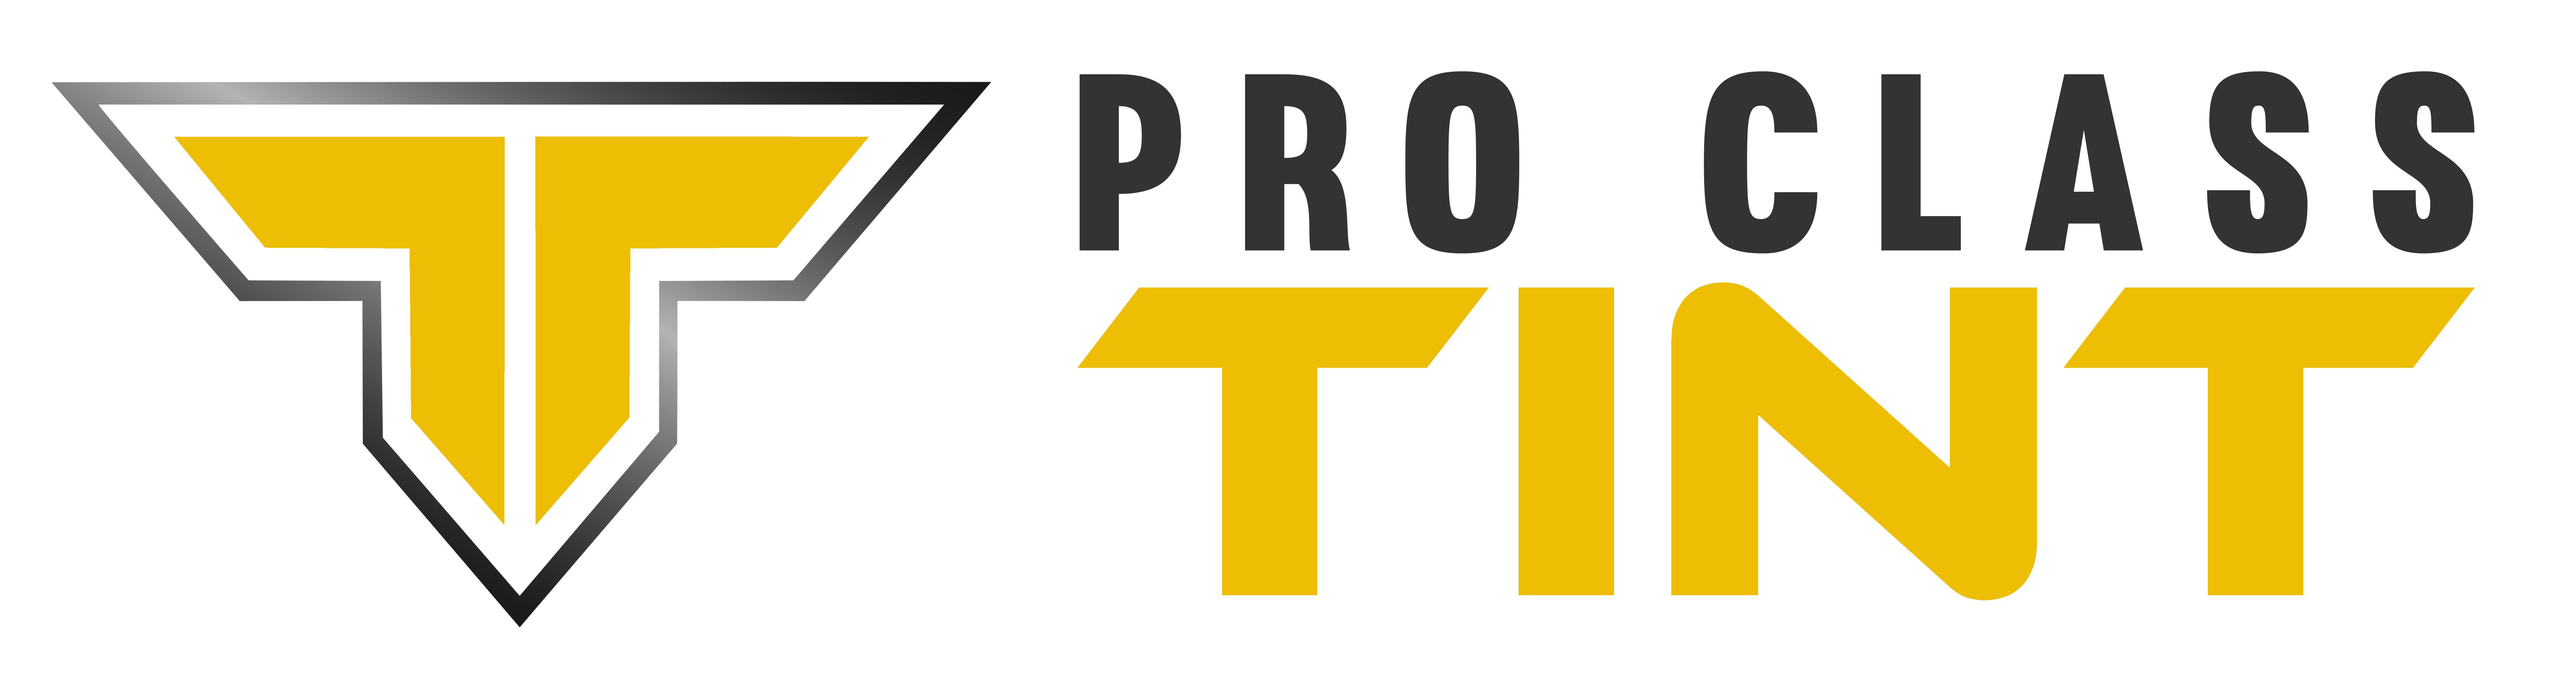 proclasstint